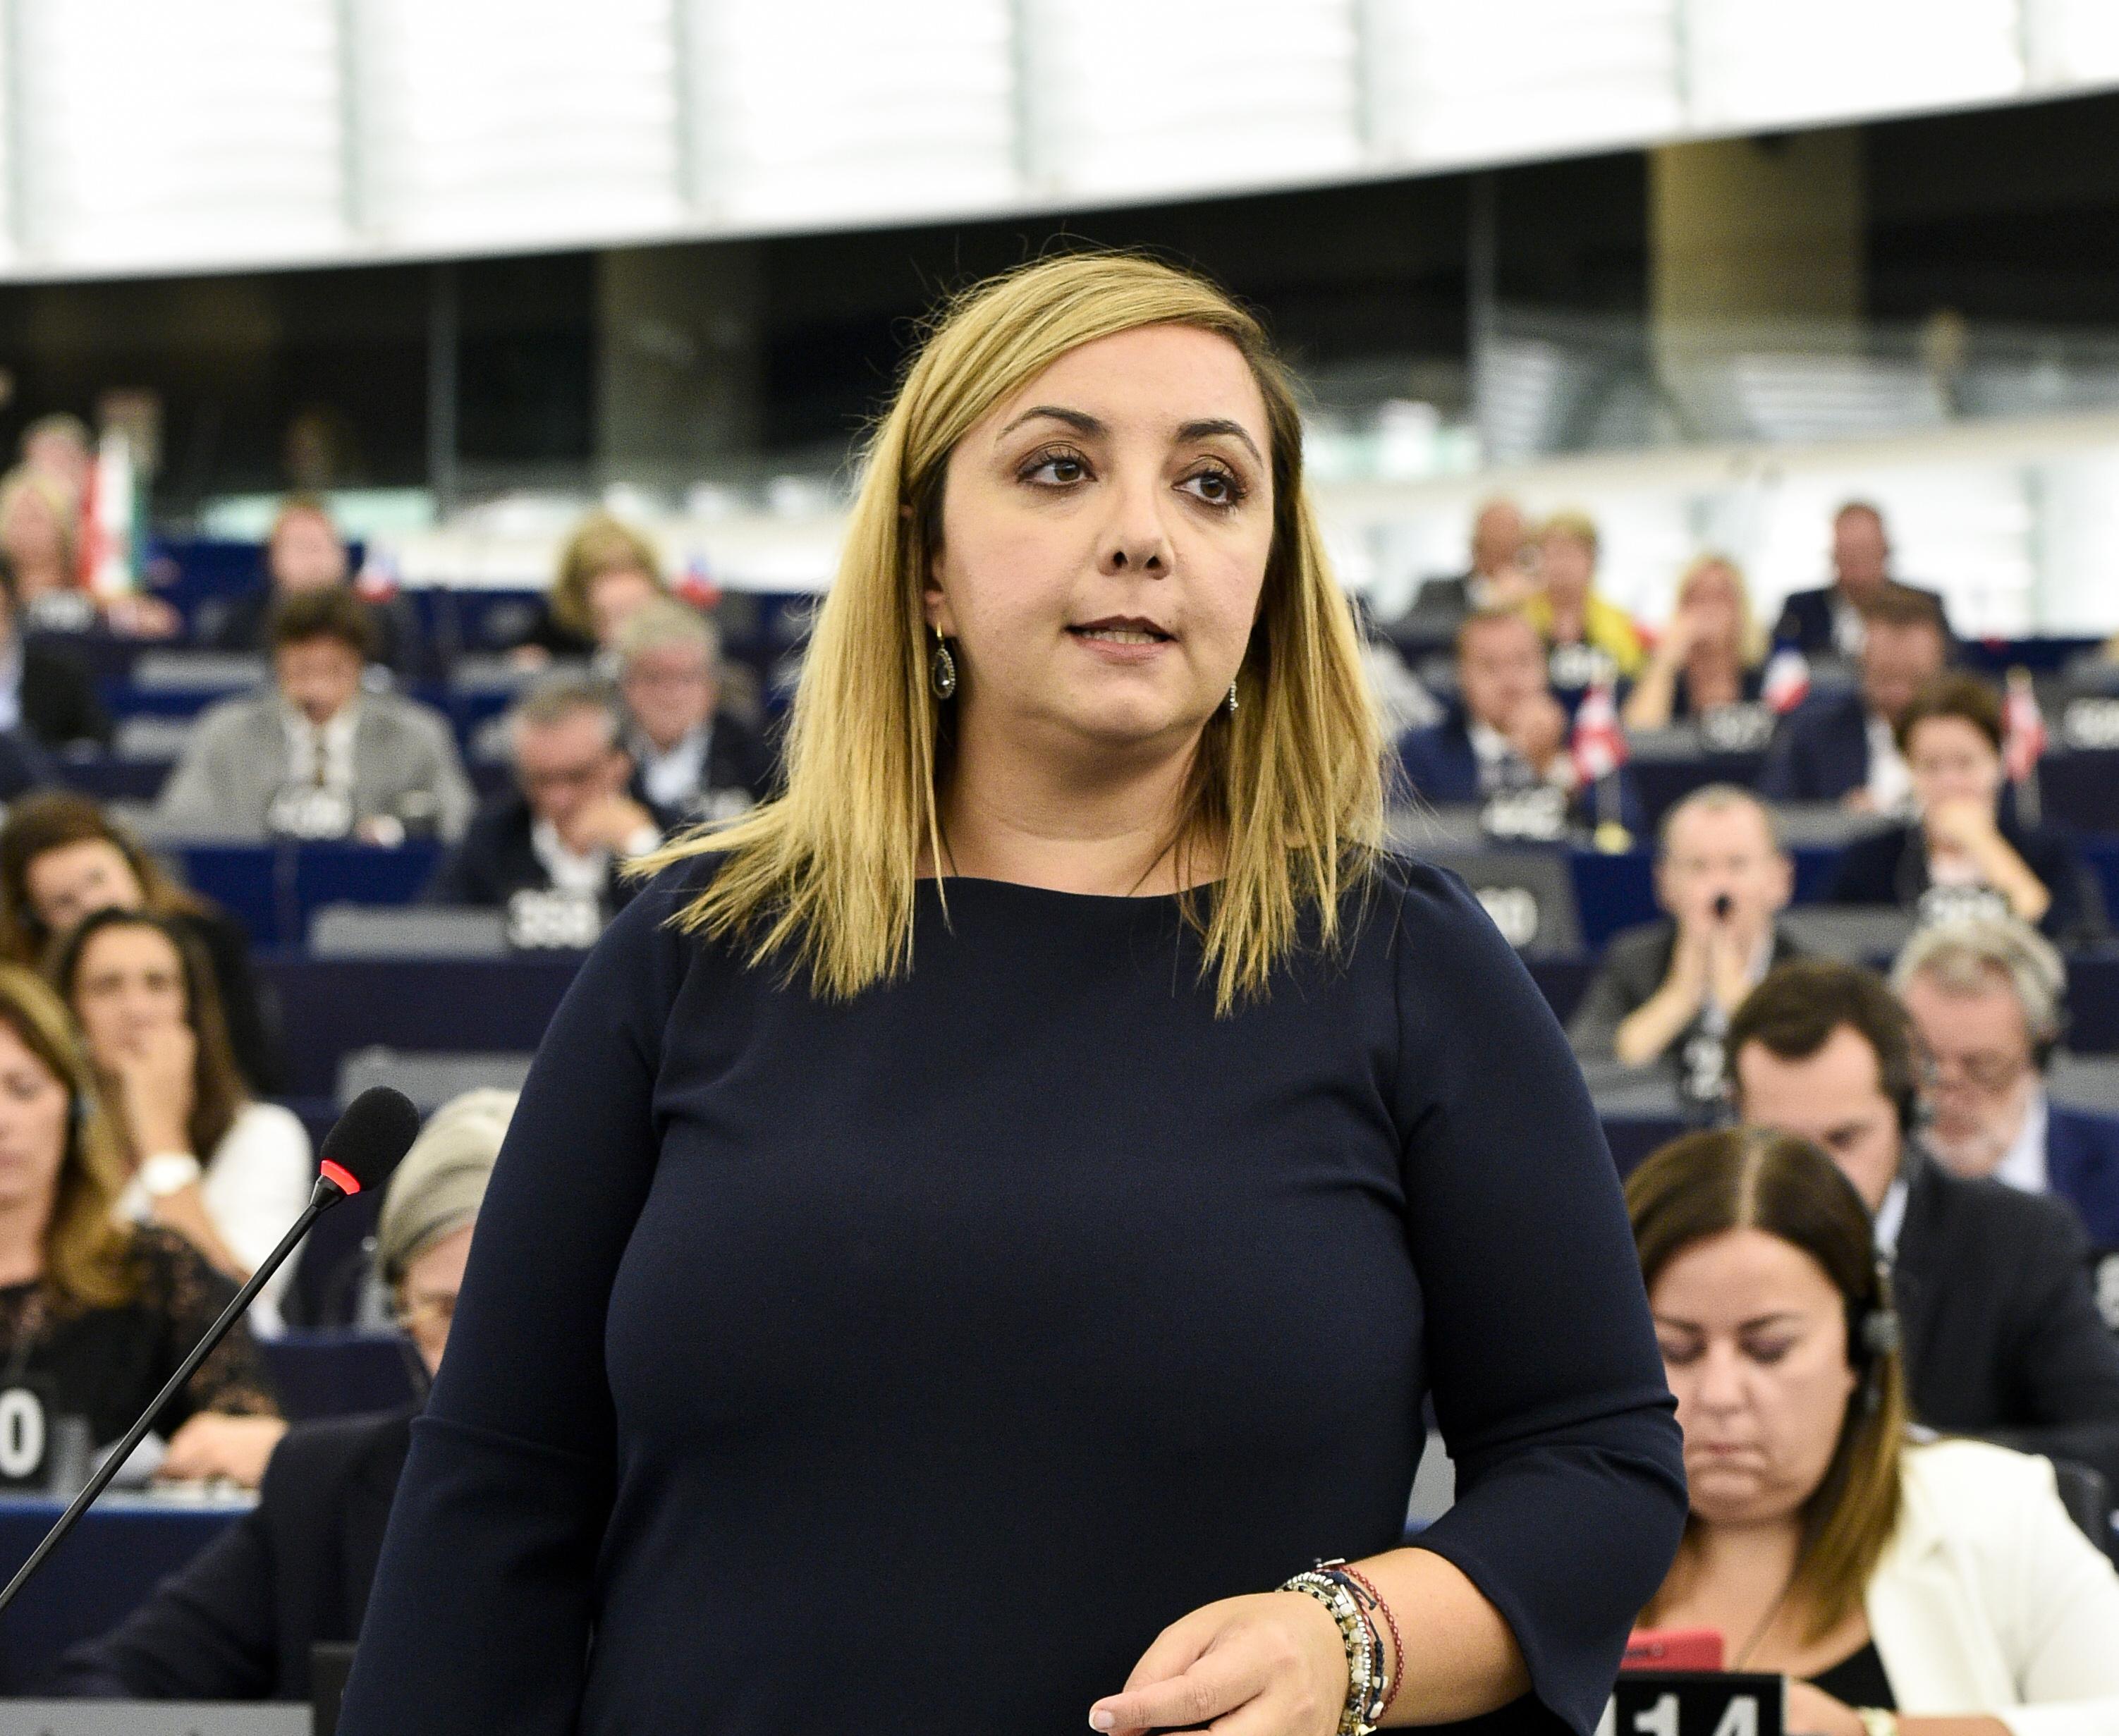 Giugliano. 10 milioni stanziati per una strada che non c'è. L'eurodeputata M5S Adinolfi interroga la Commissione Europea